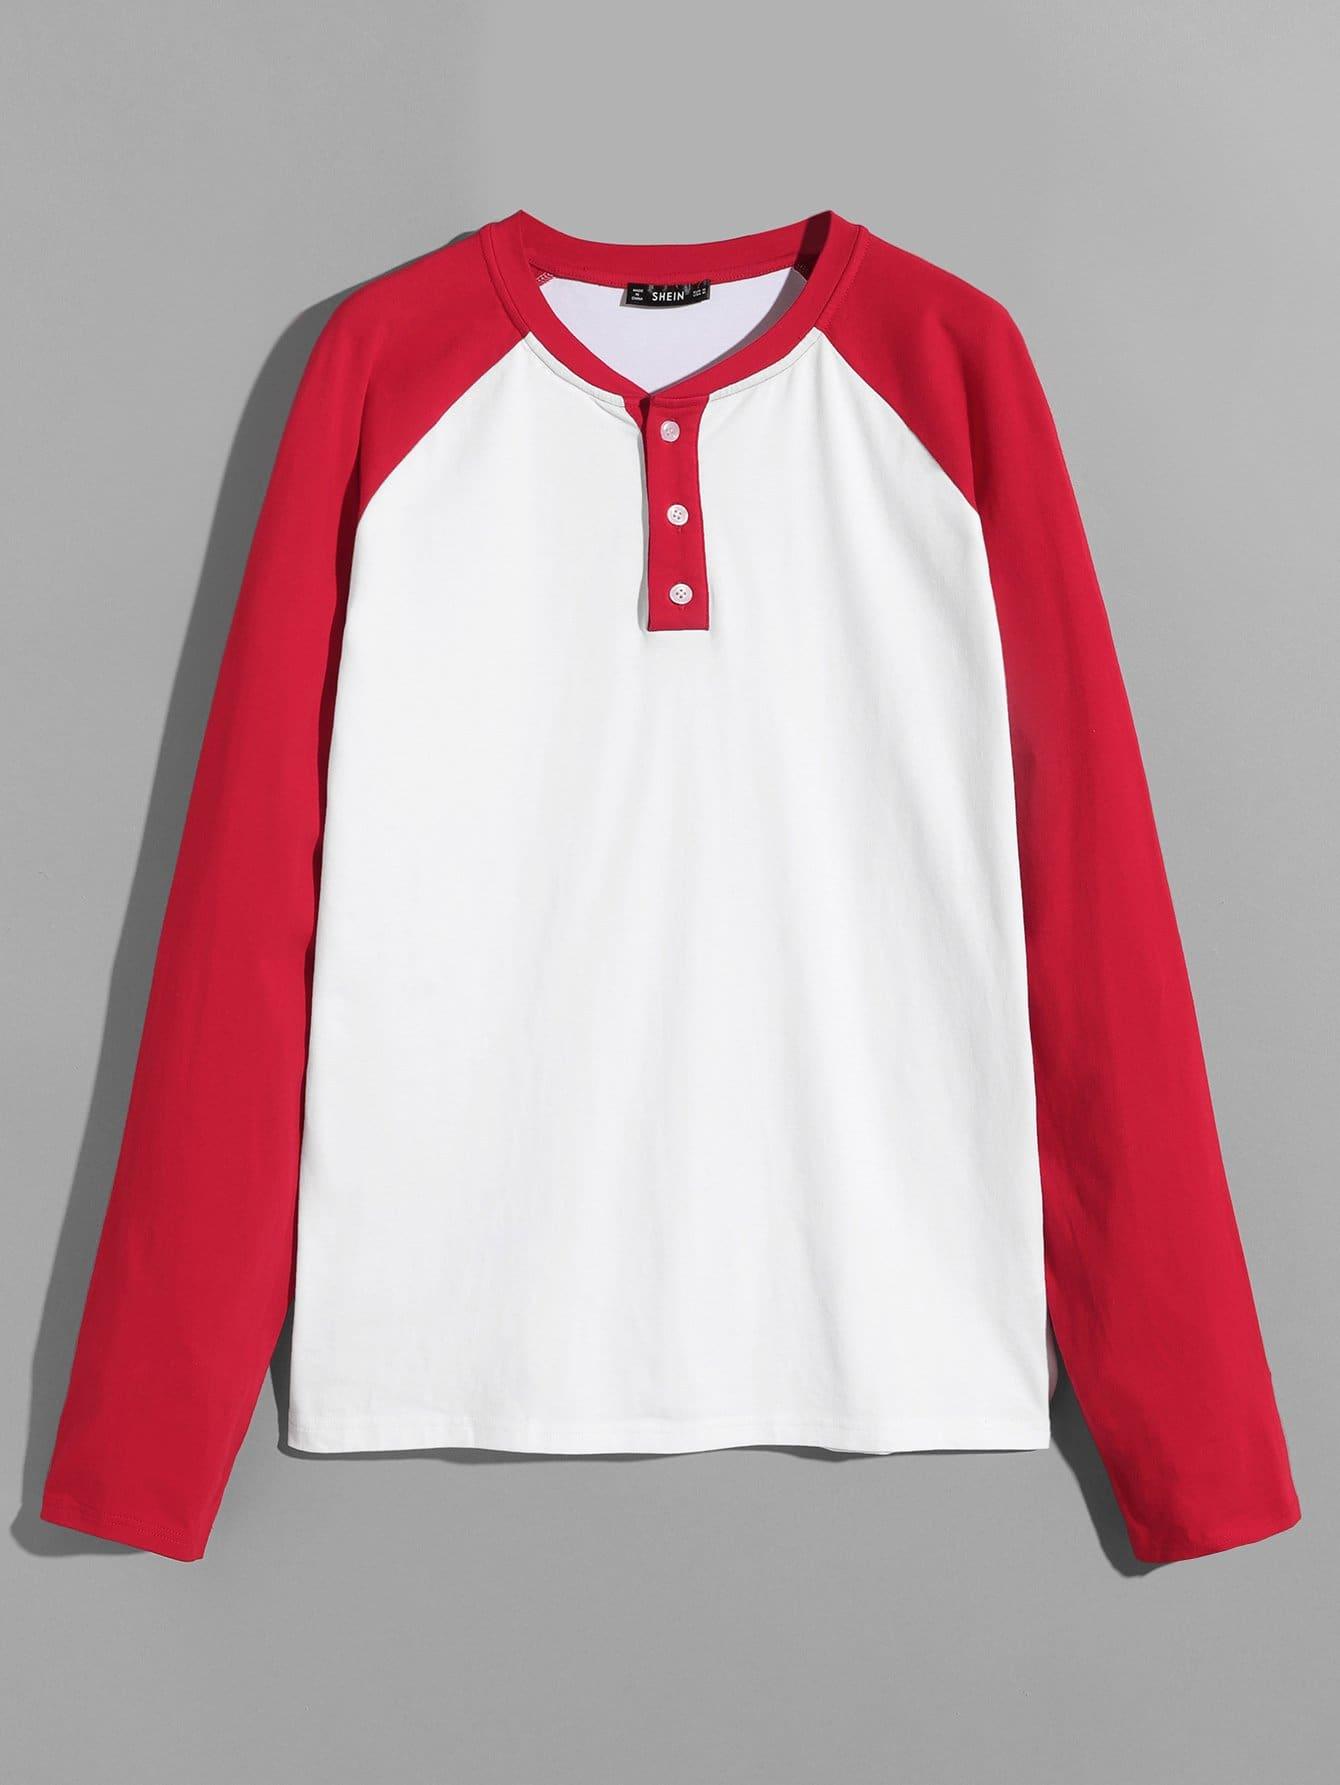 Купить Для мужчин контрастная поло-футболка с регланом-рукавом, null, SheIn